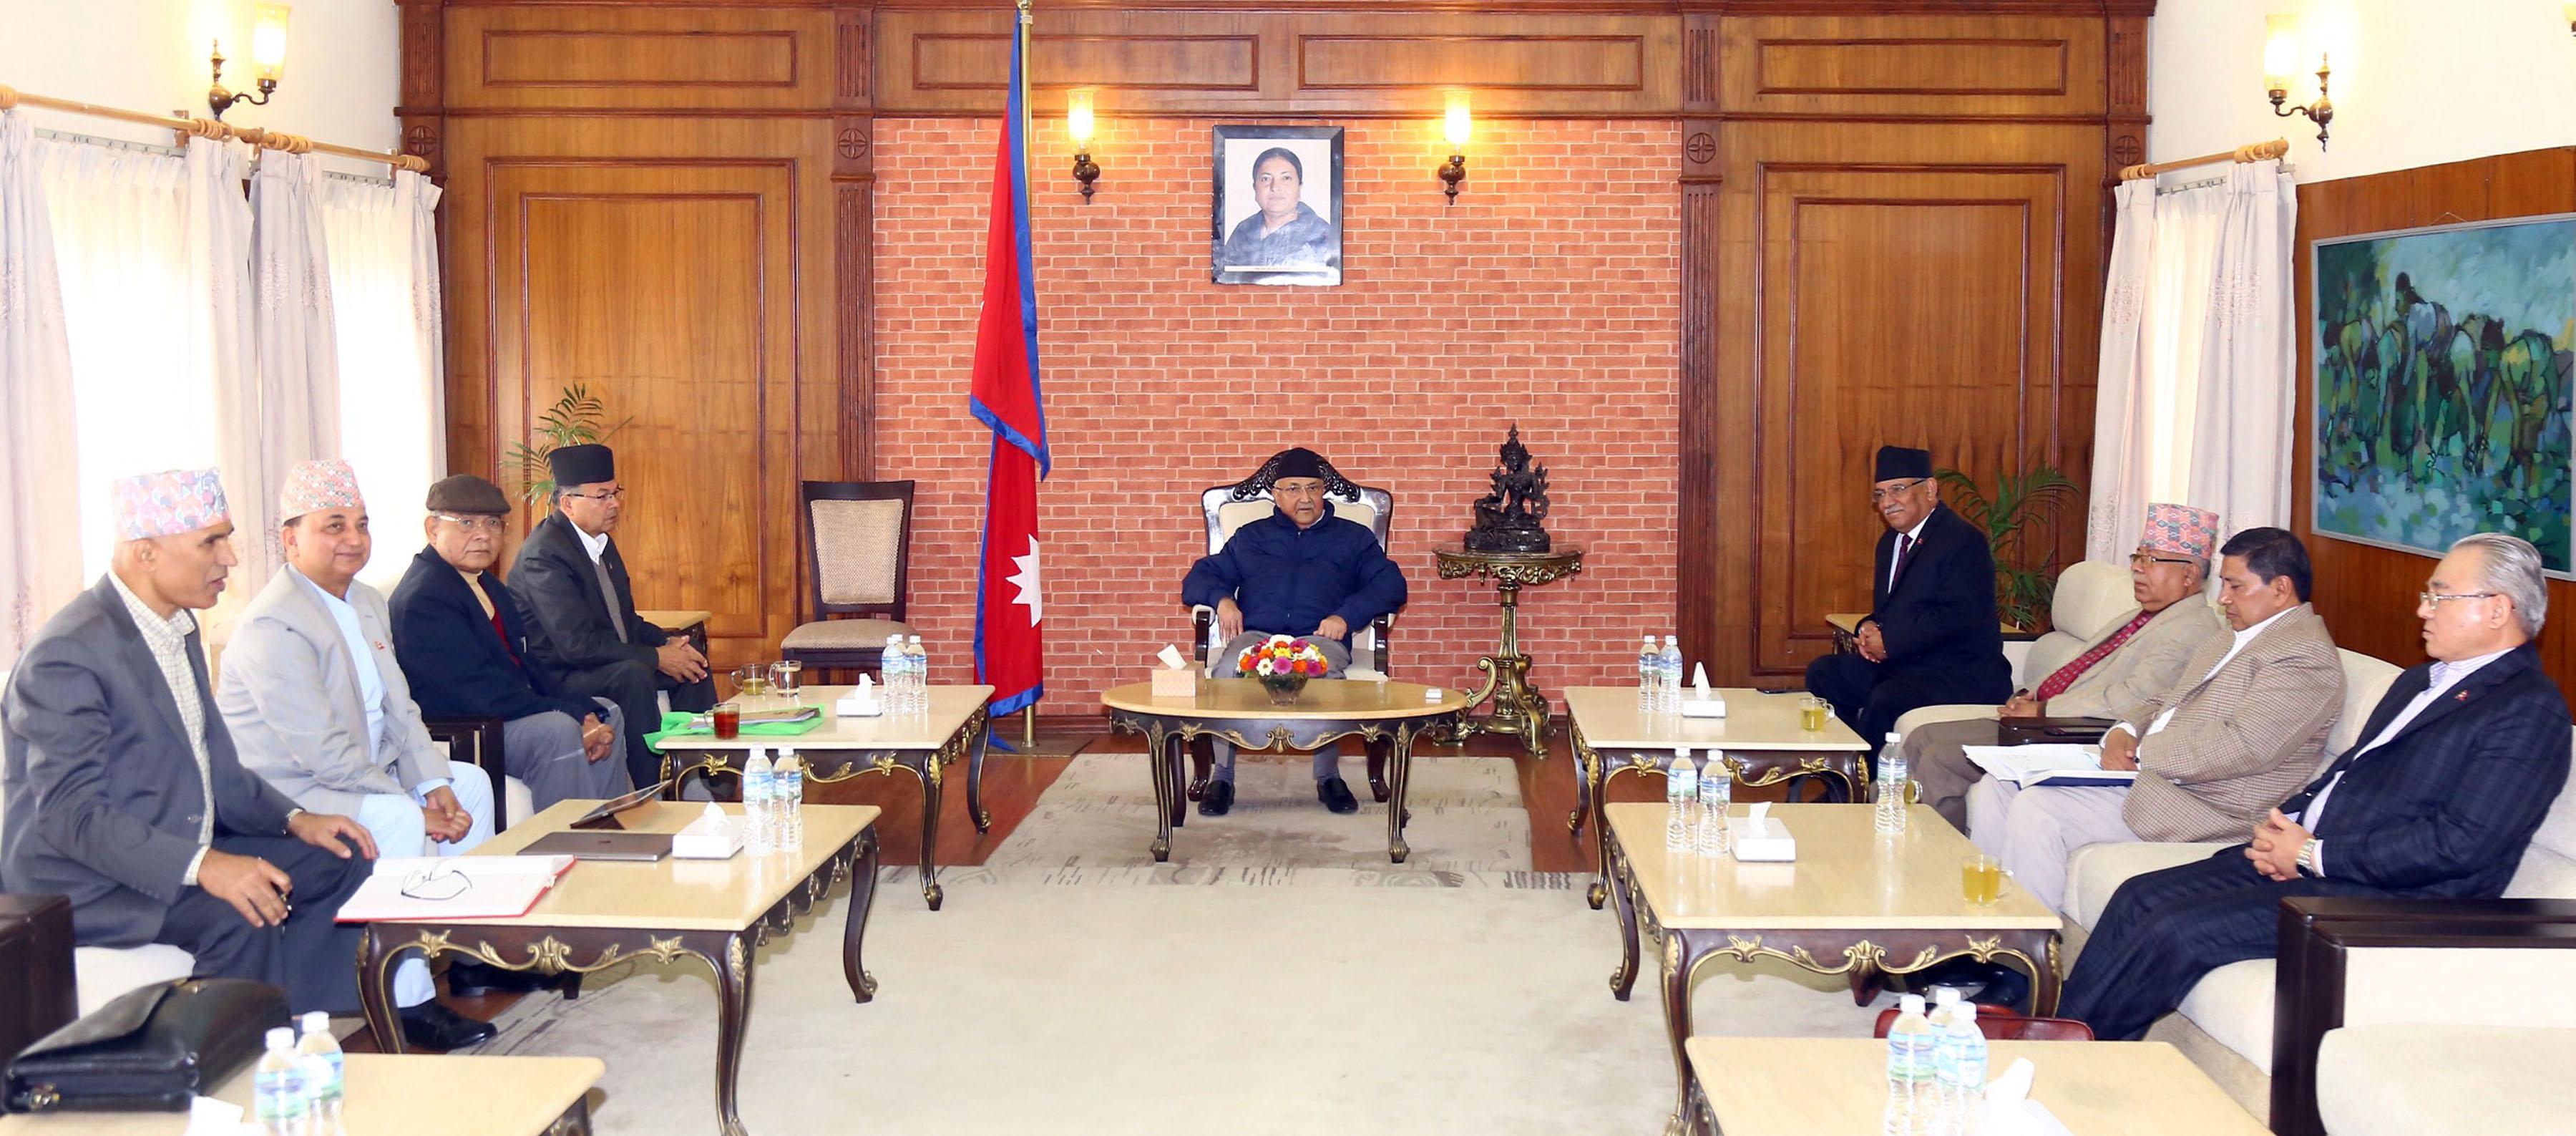 नेकपा सचिवालय बैठक शुरु